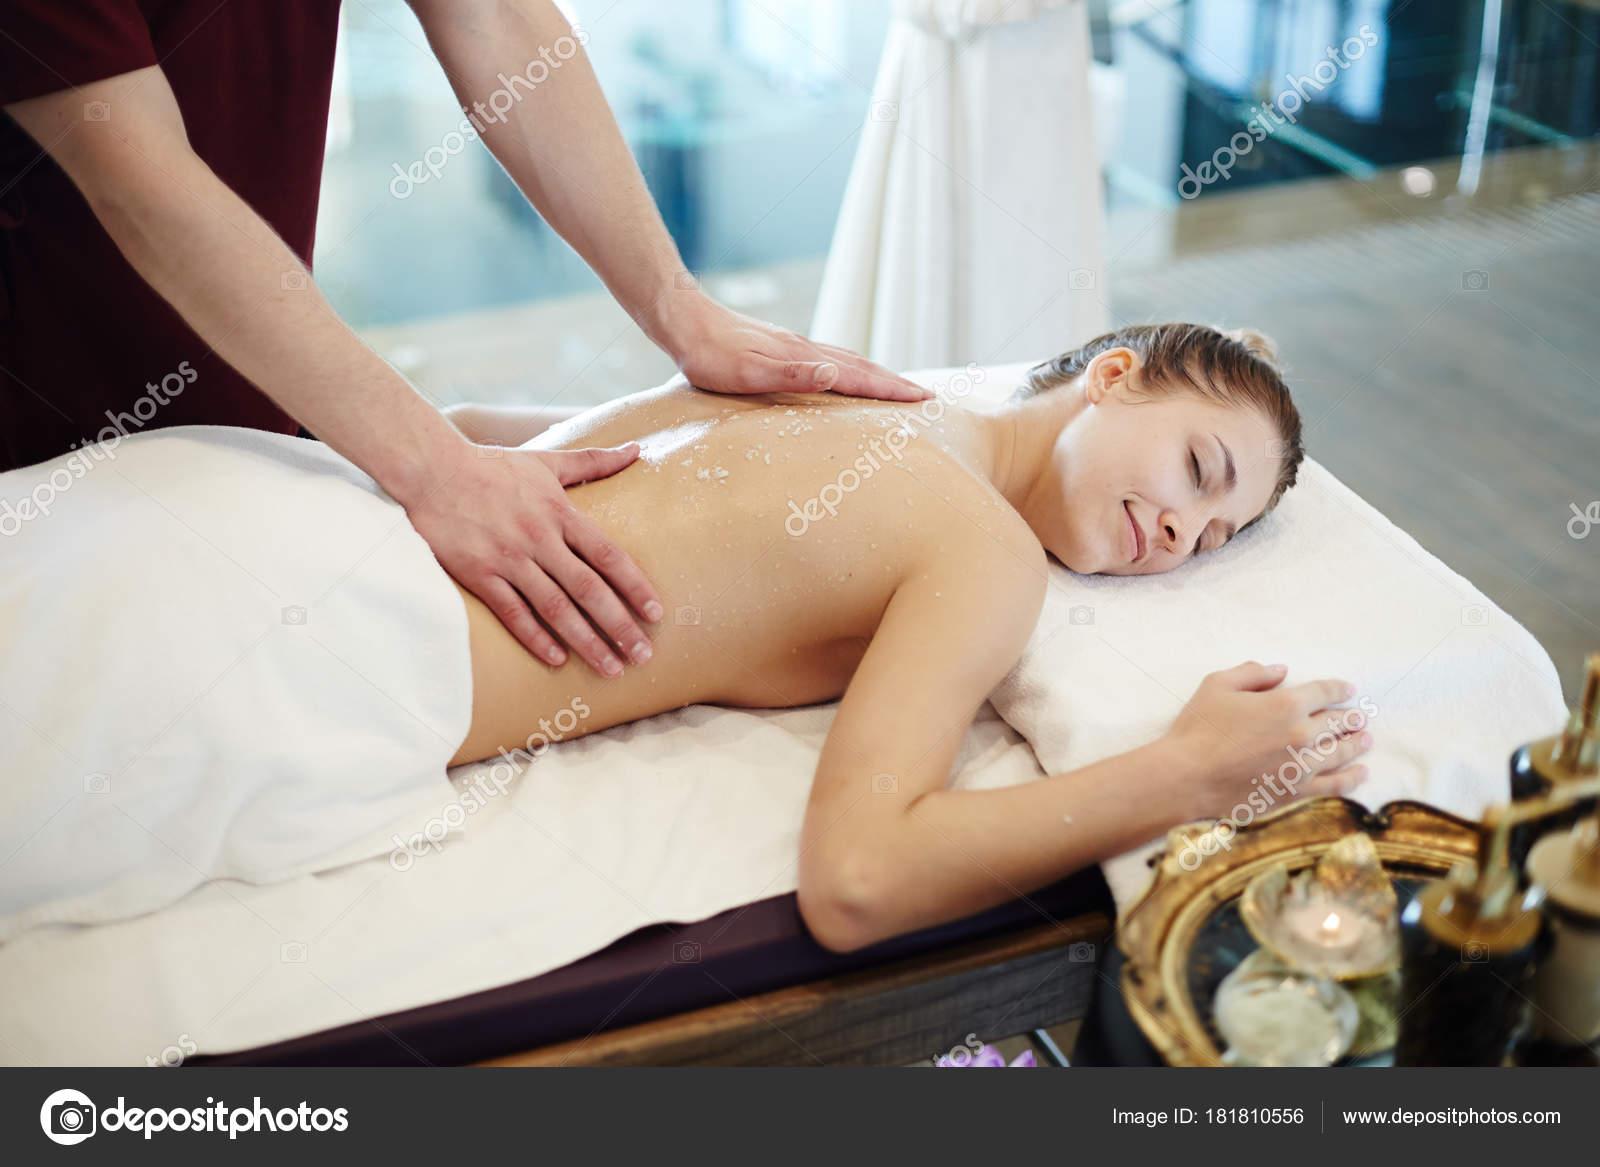 Секс принудительный на массаже, Порно видео с массажем, делает массаж парню 10 фотография